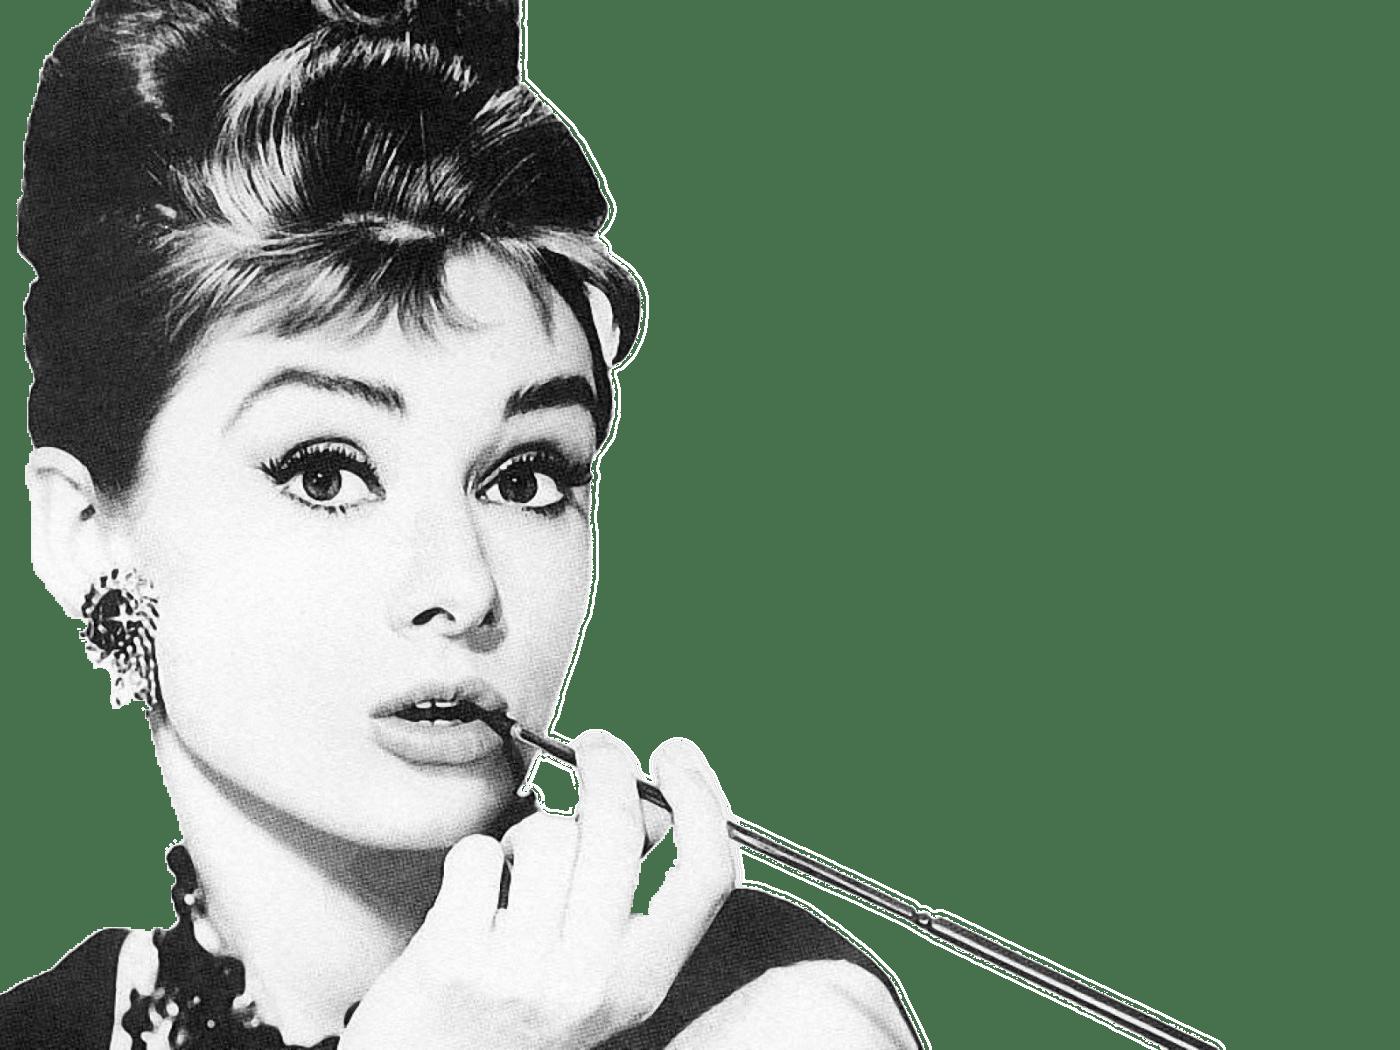 Audrey Hepburn Face - Audrey Hepburn PNG